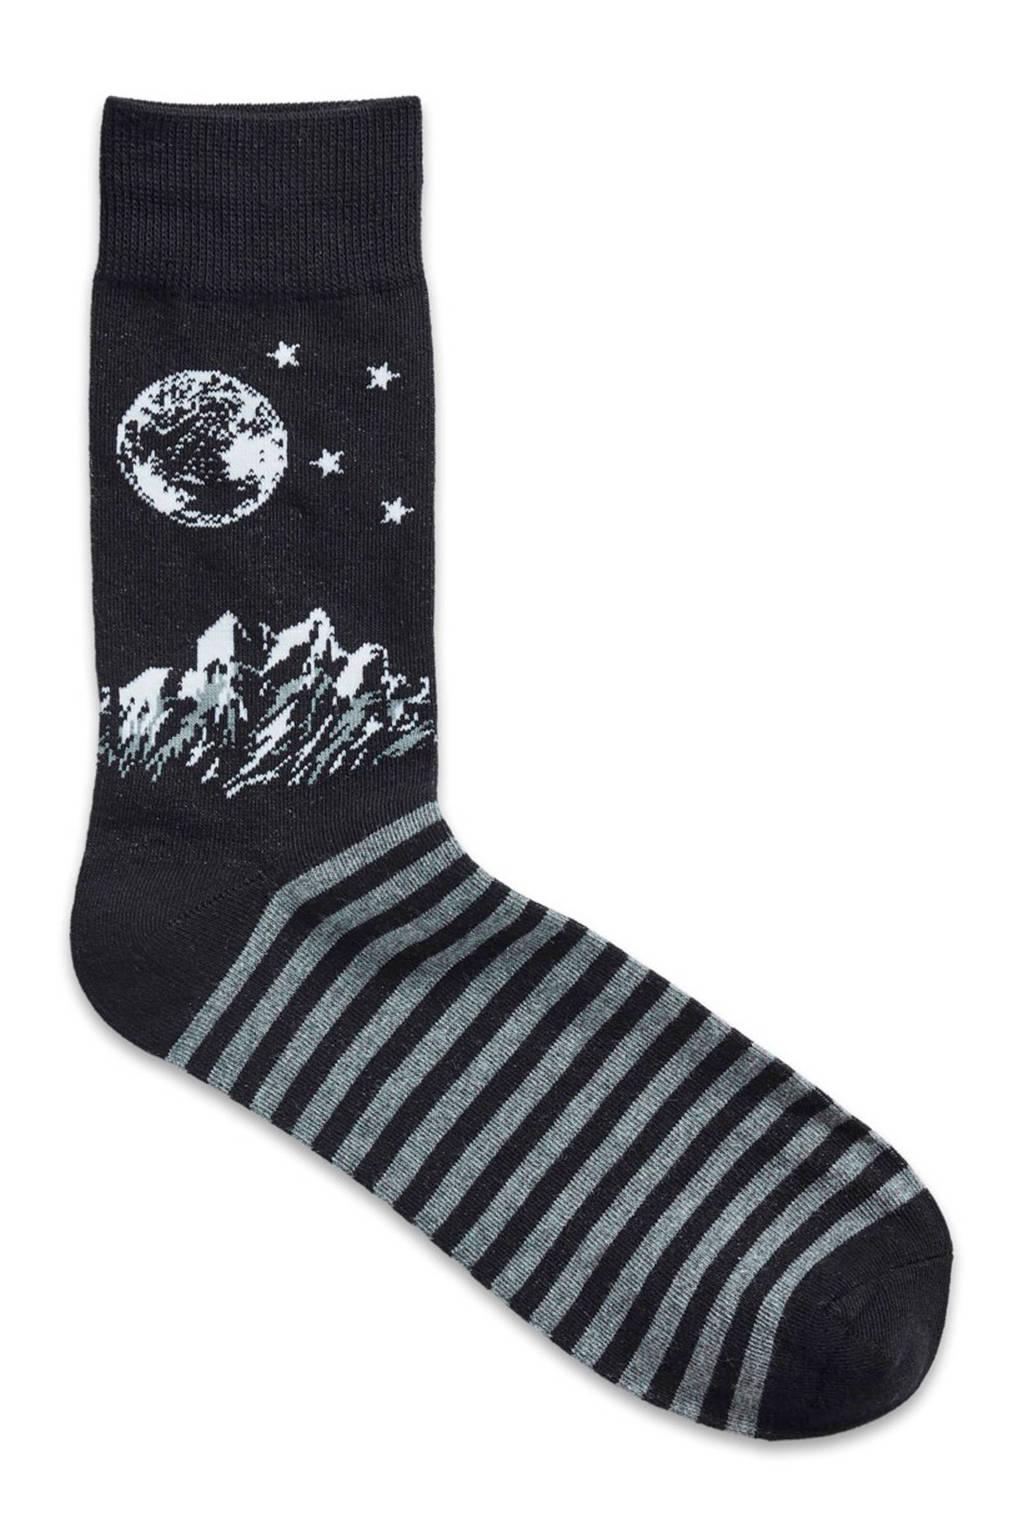 JACK & JONES sokken 4-pak, Light Grey Melange